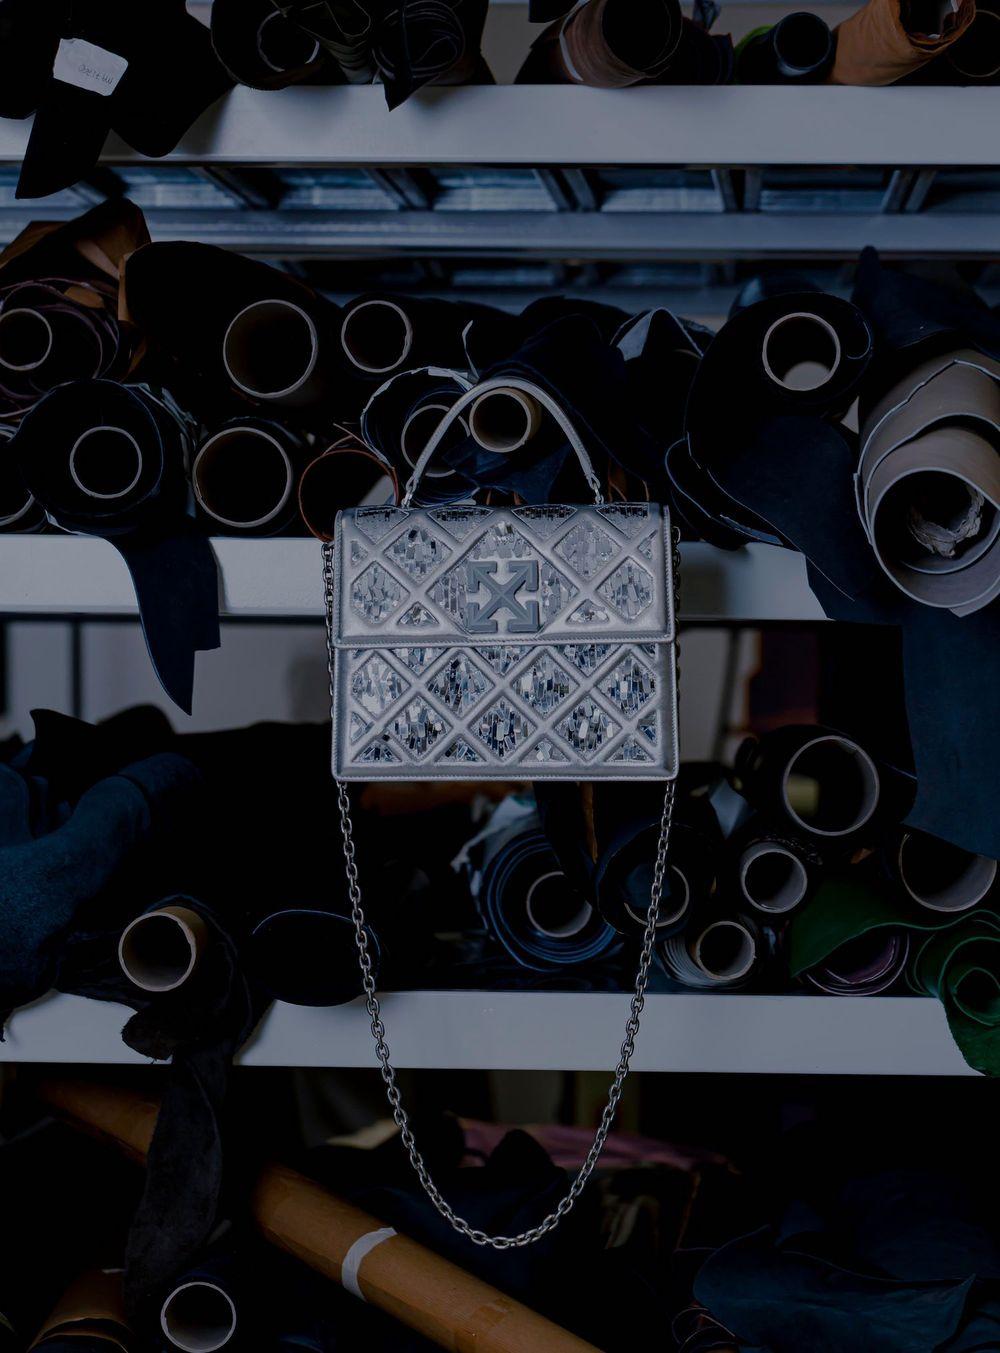 Off-White Rancang Tas yang Terinspirasi dari Piramida Louvre